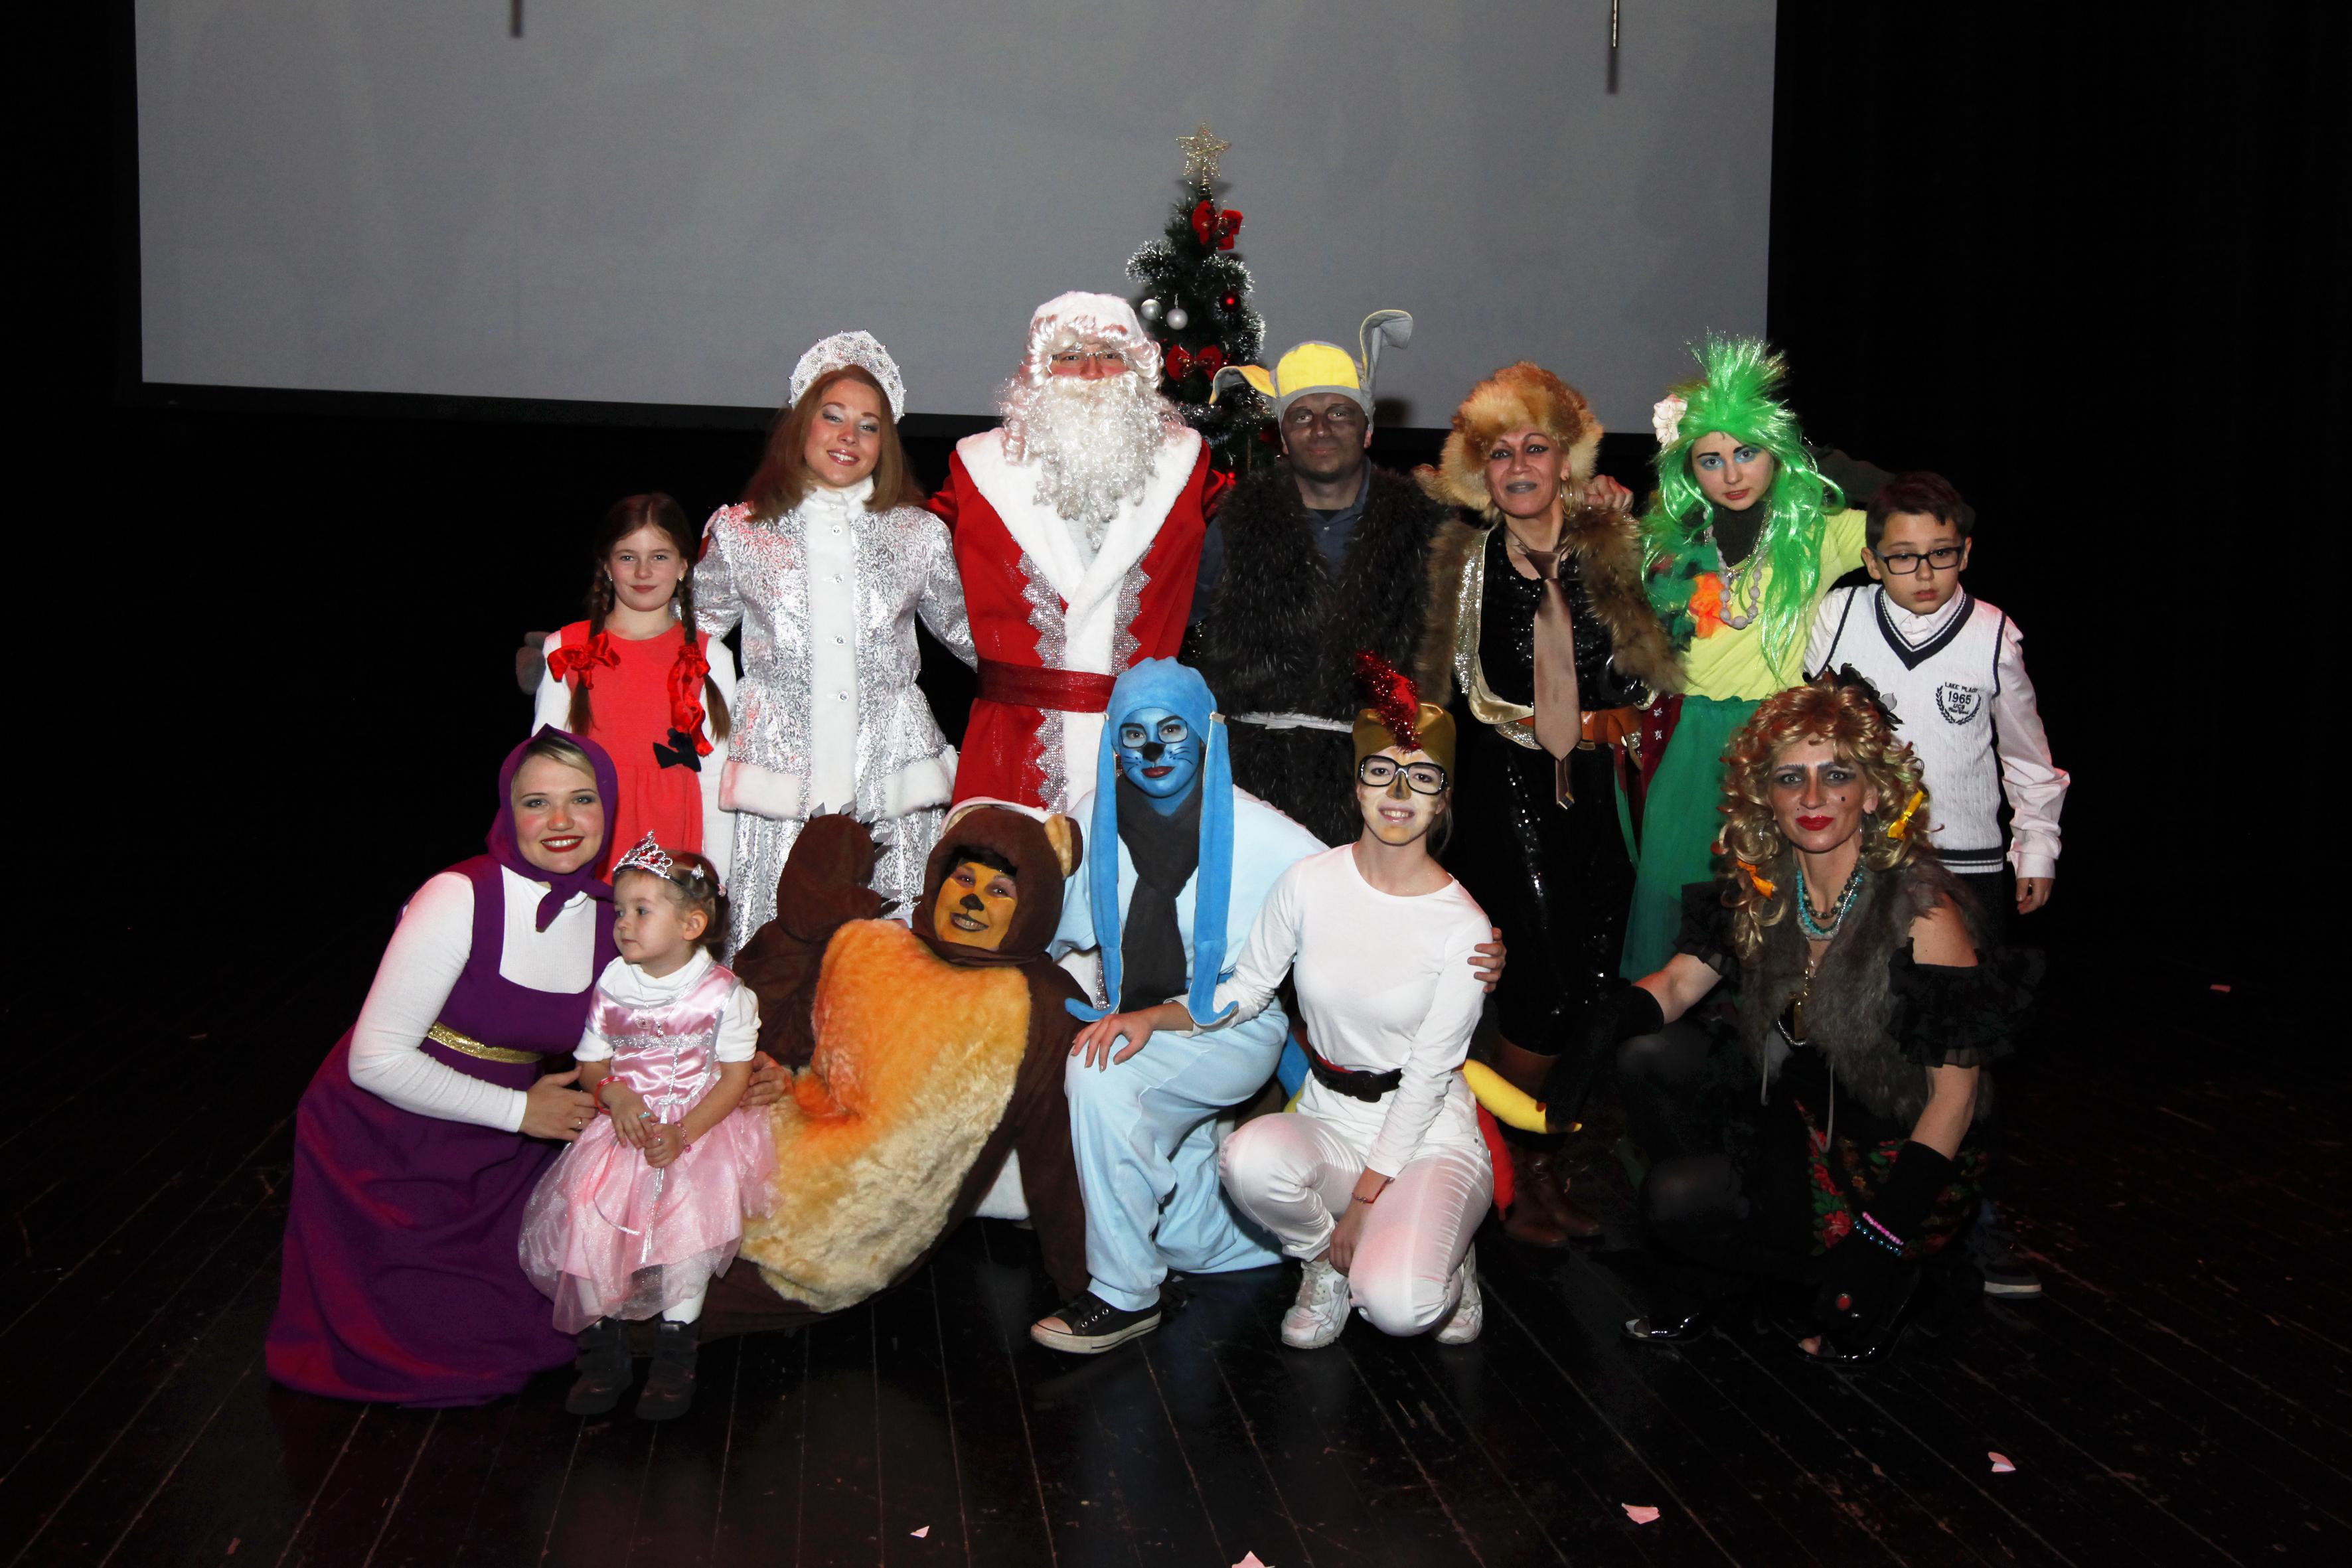 Ponovno su, kao i prošle godine, 17. prosinca 2016. djeca iz Zagreba i drugih gradova Hrvatske koja govore ruski jezik, od onih starih tek nekoliko mjeseci do onih starijih, do zadnjeg mjesta popunila dvoranu Kulturnog centra 'Travno'.